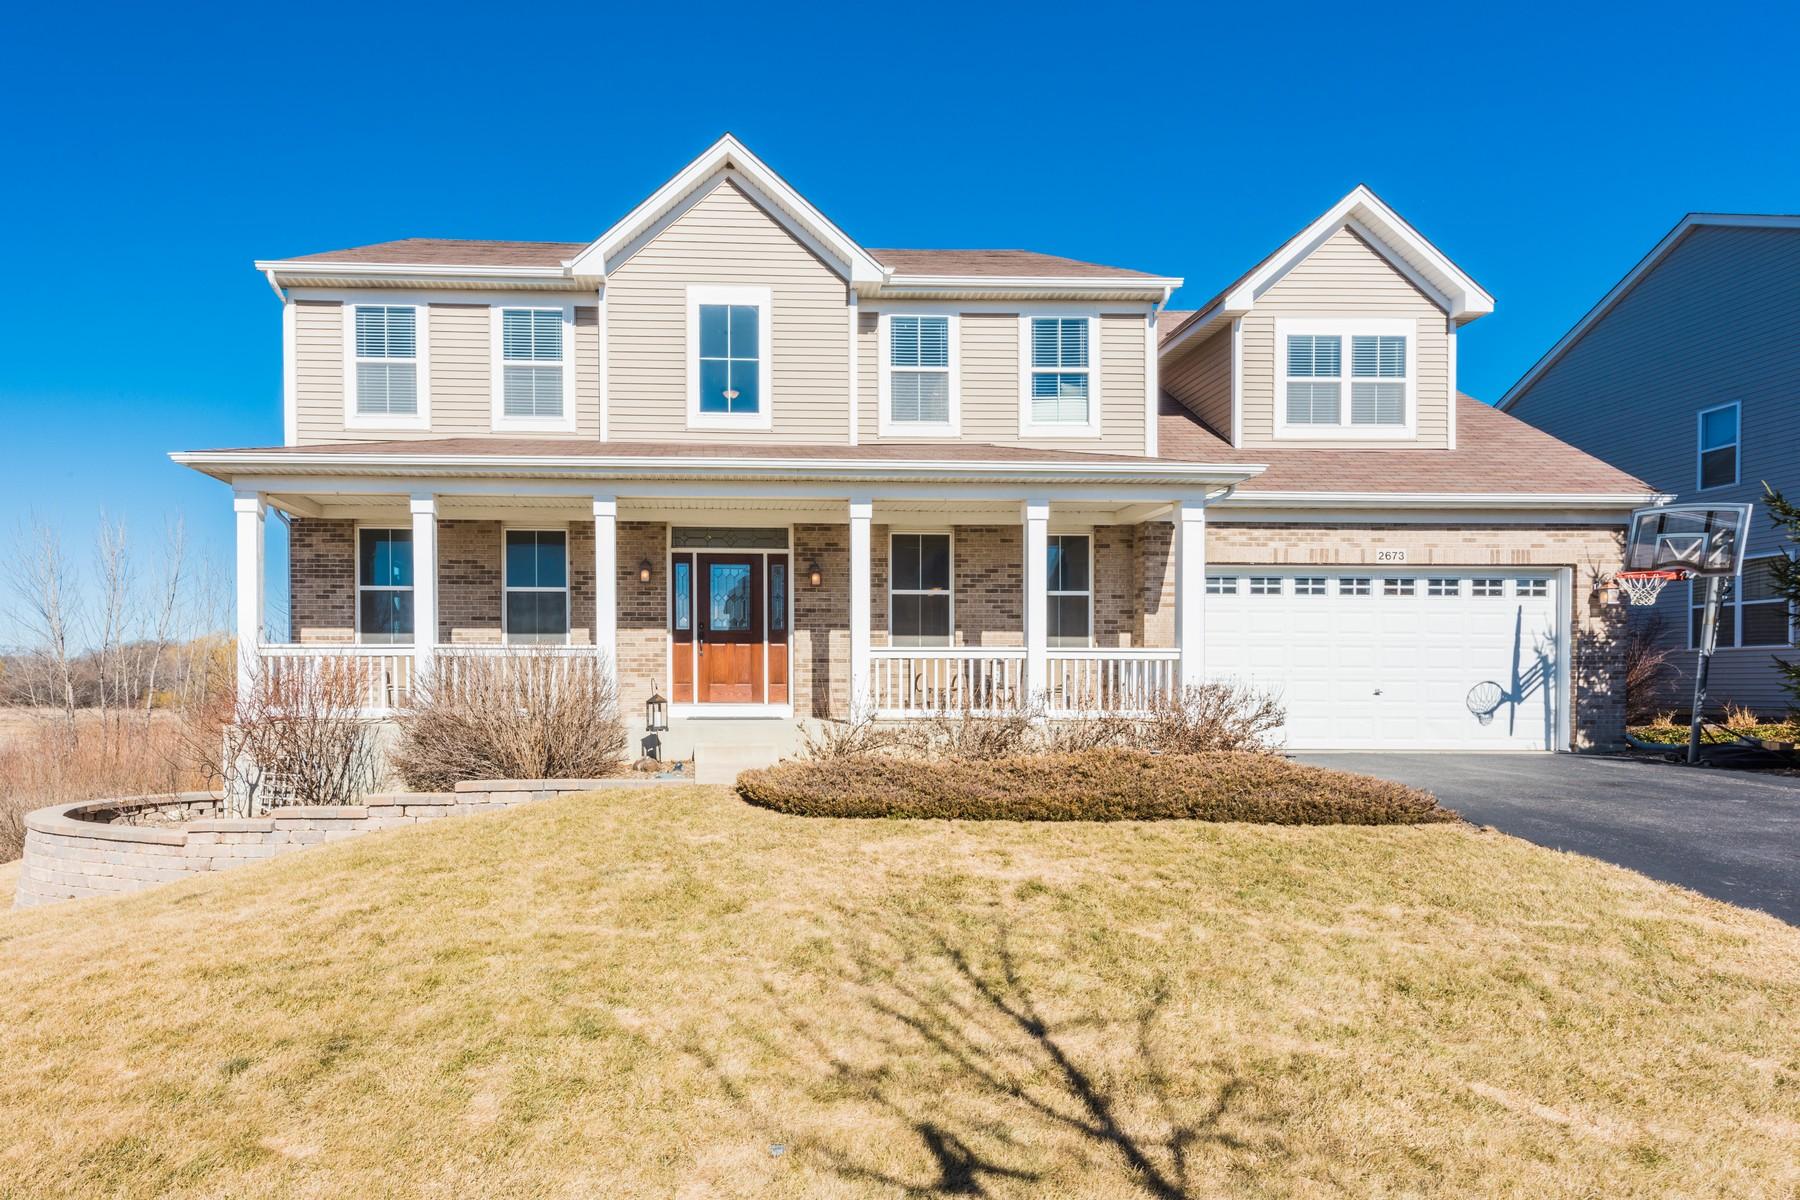 Maison unifamiliale pour l Vente à Handcock Model 2673 Water Lily Lane Wauconda, Illinois, 60084 États-Unis